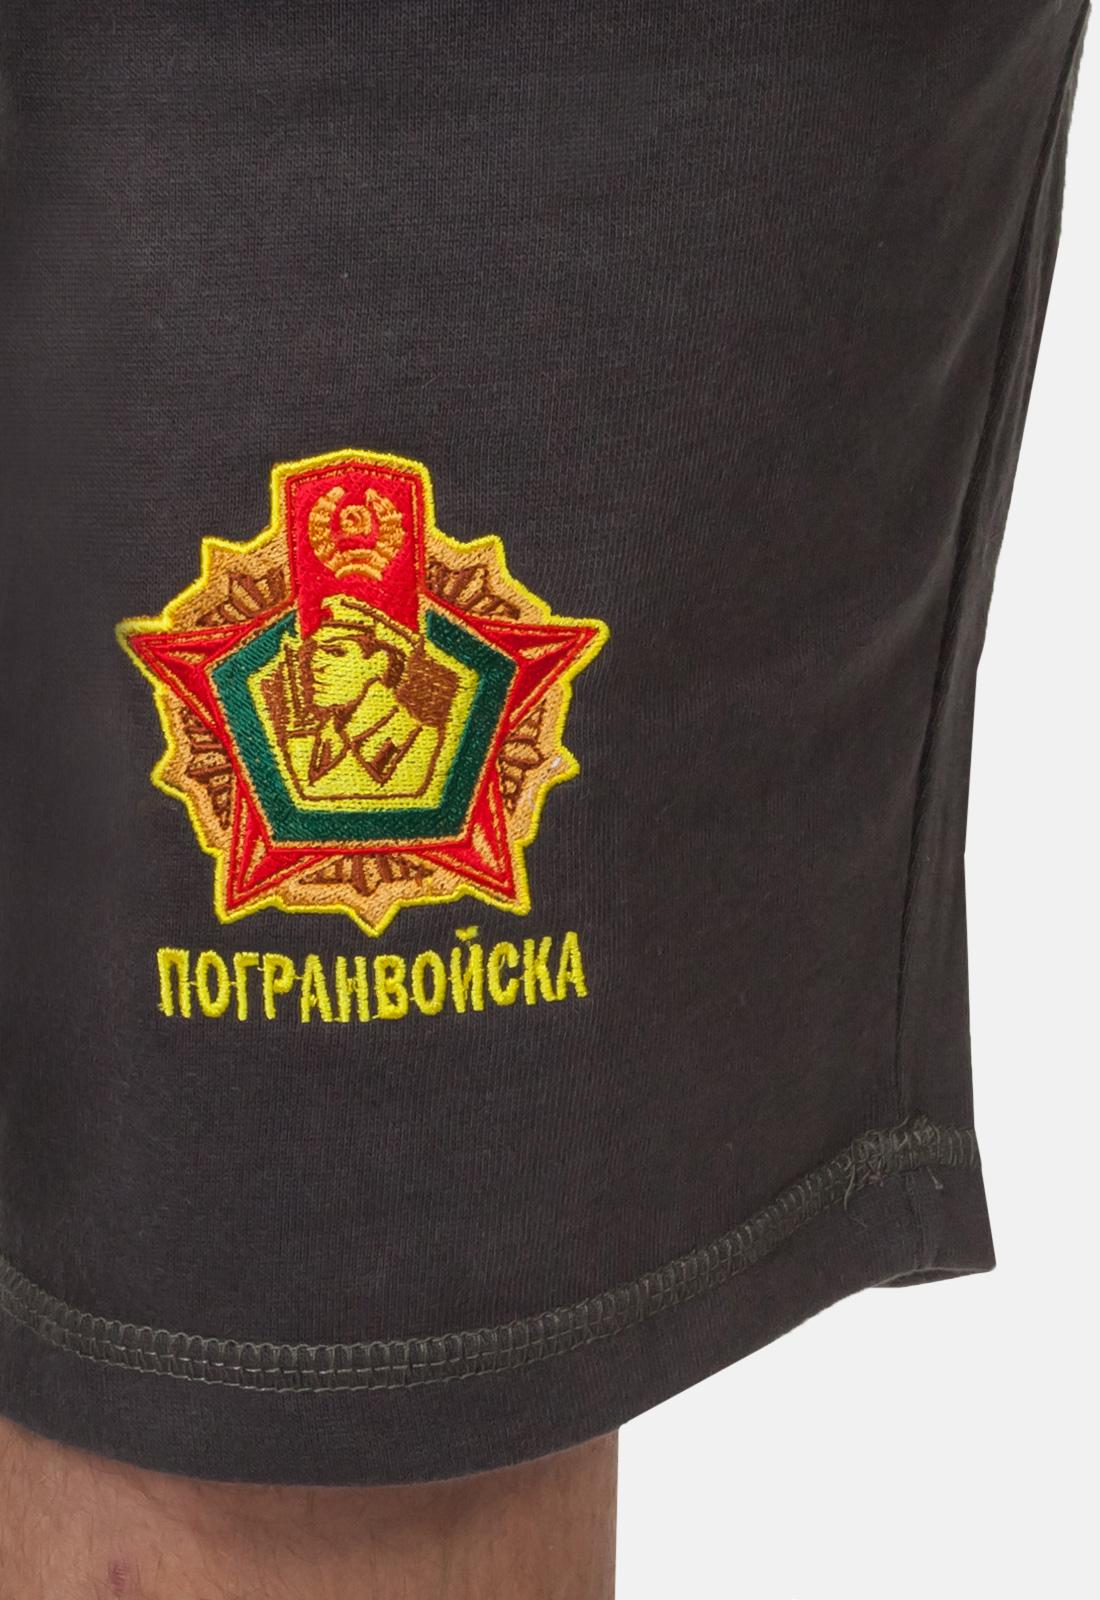 Армейские шорты для подразделений Погранвойск